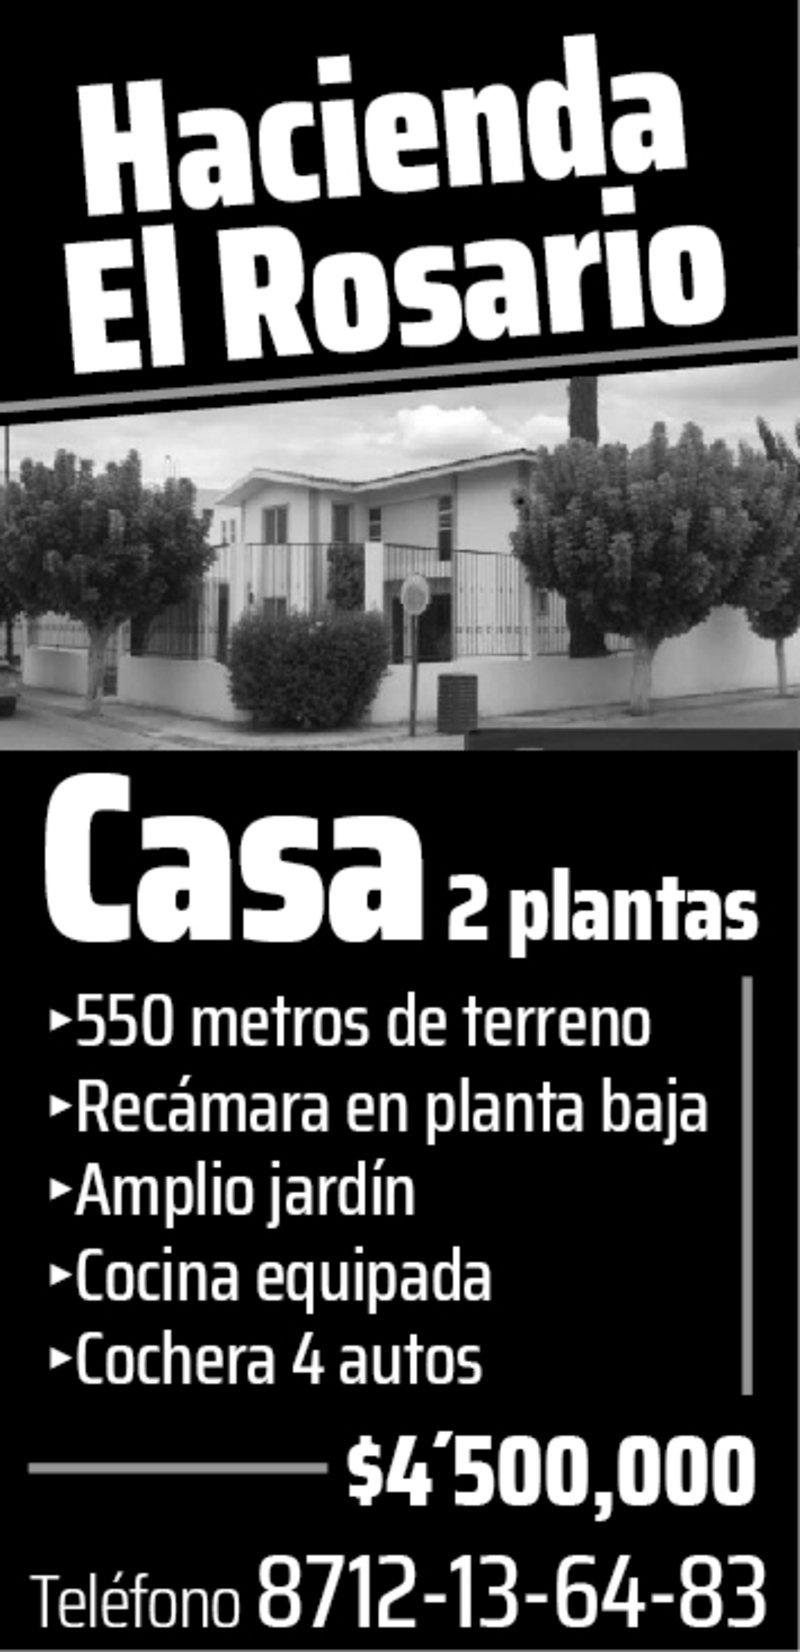 VENTA CASA HACIENDA EL ROSARIO